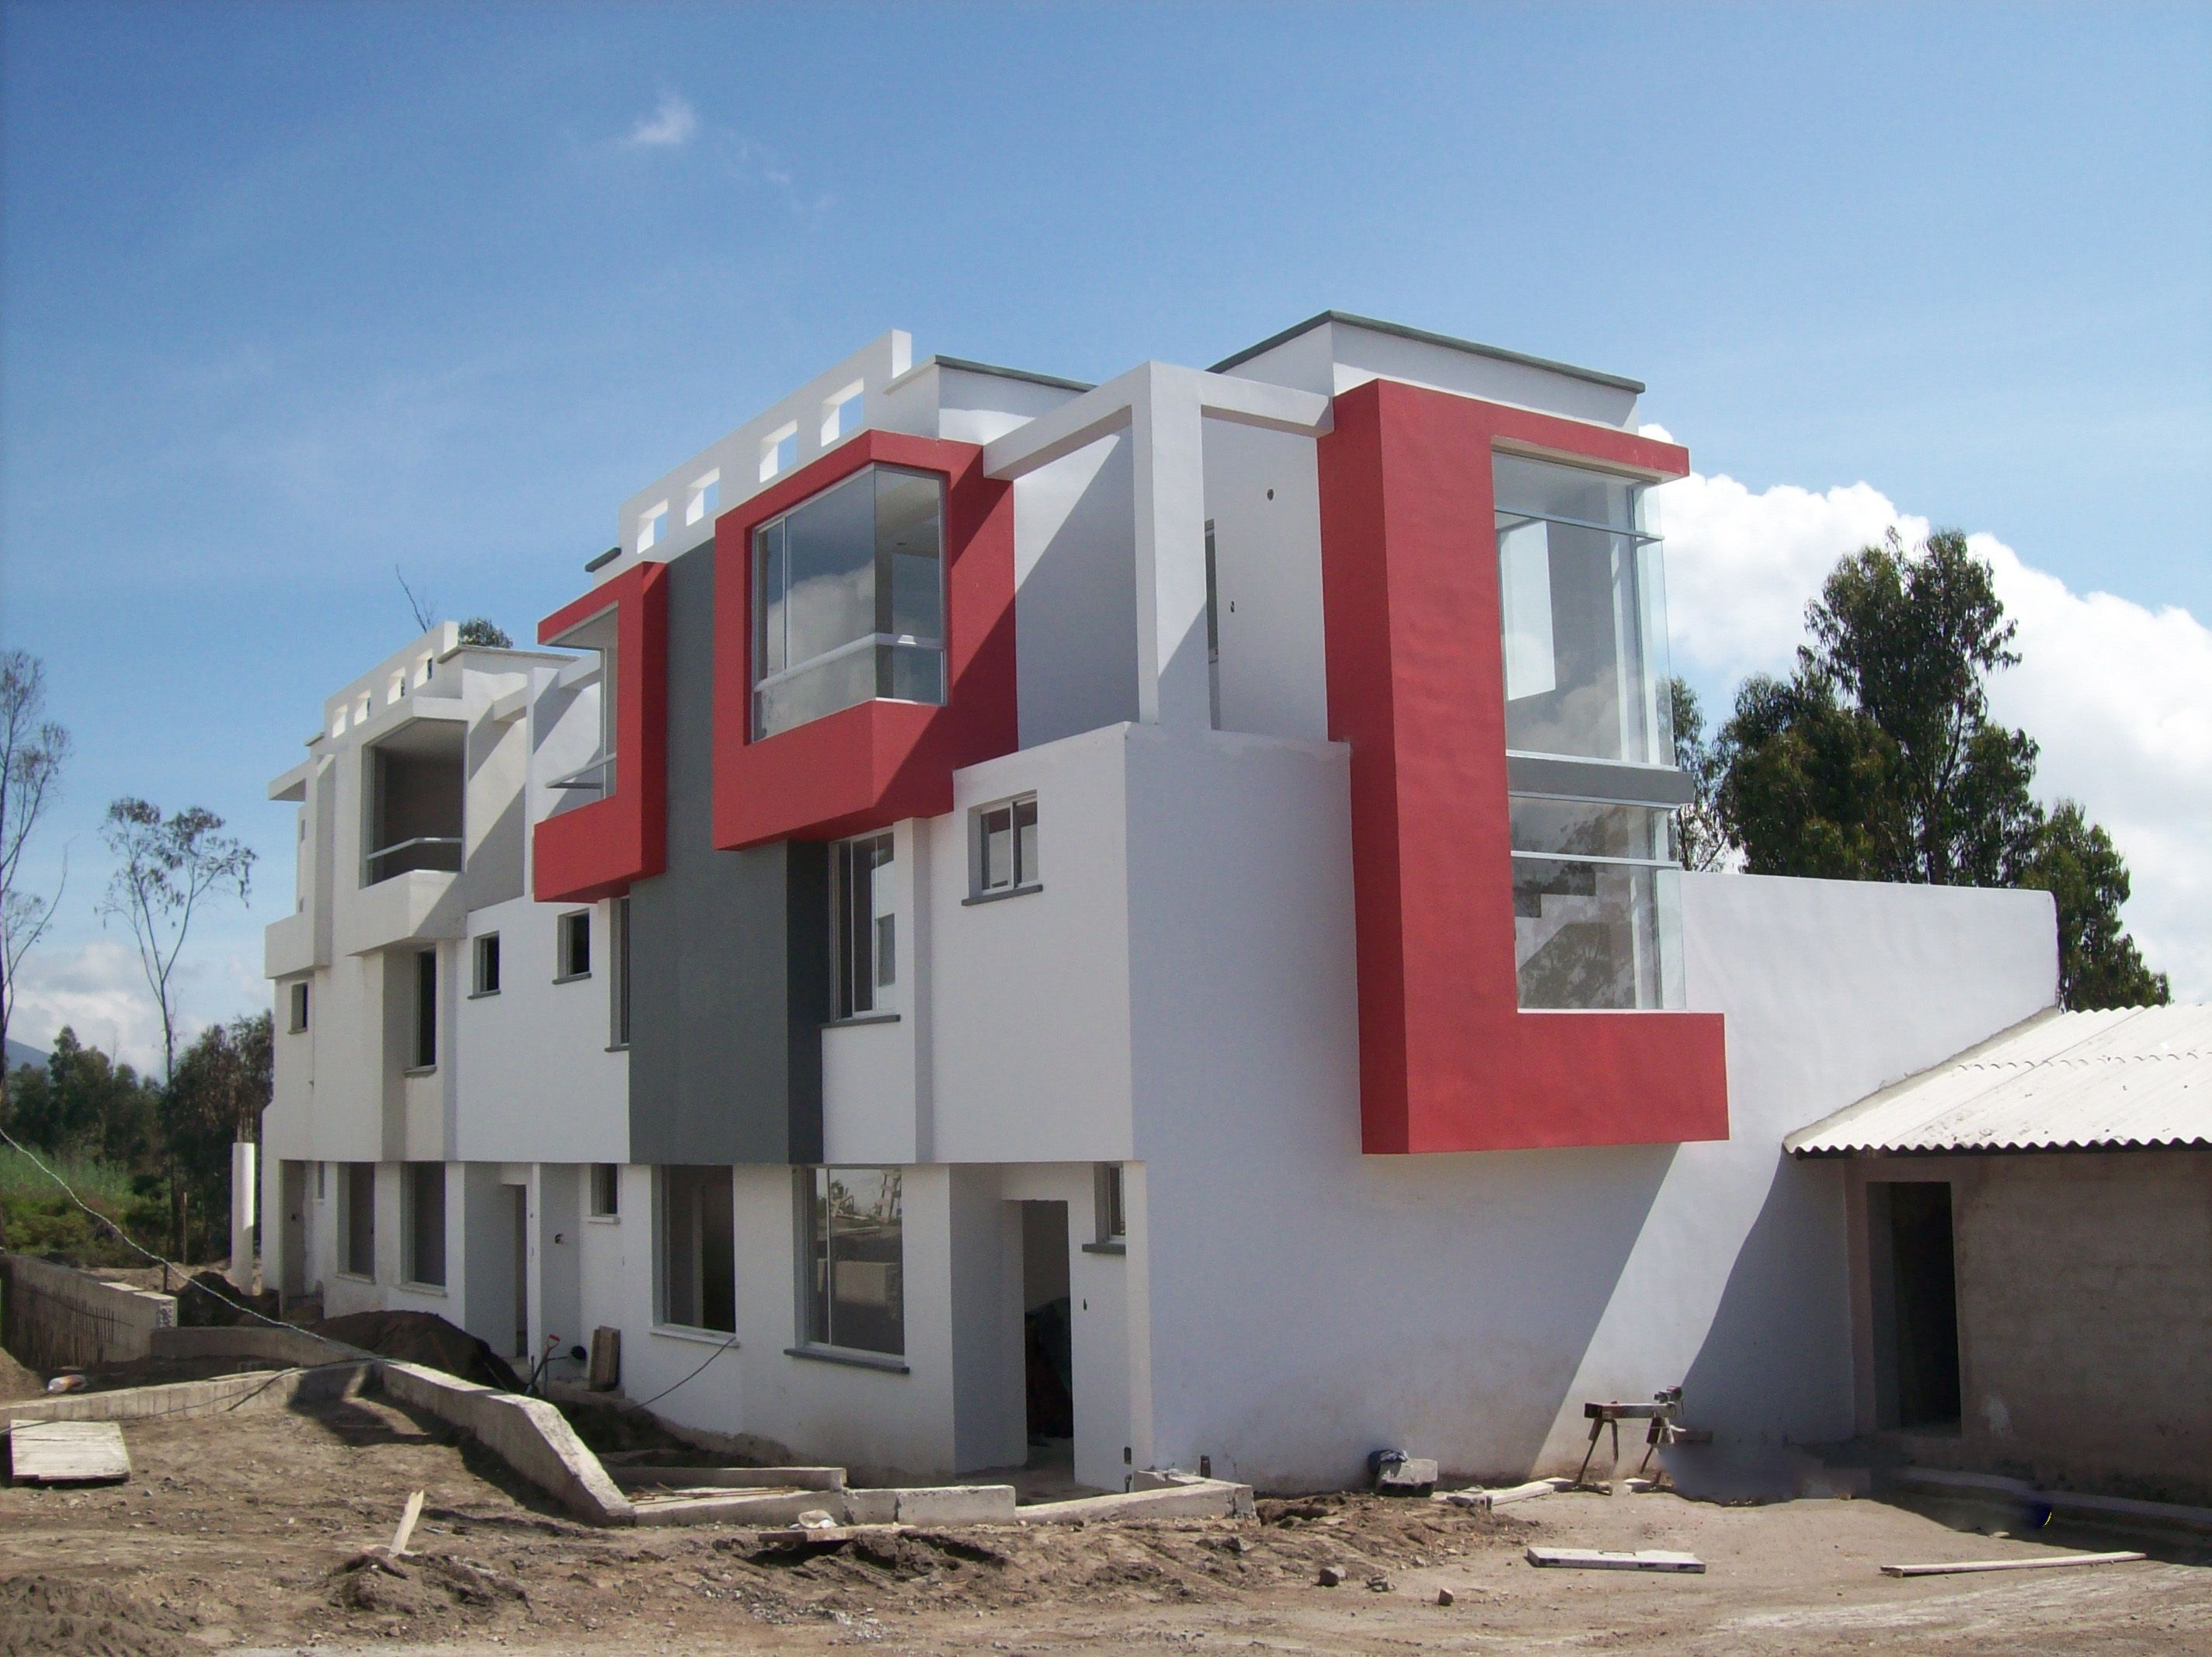 Pintar fachadas de casas pintura de exterior fachada de - Pintar fachada casa ...